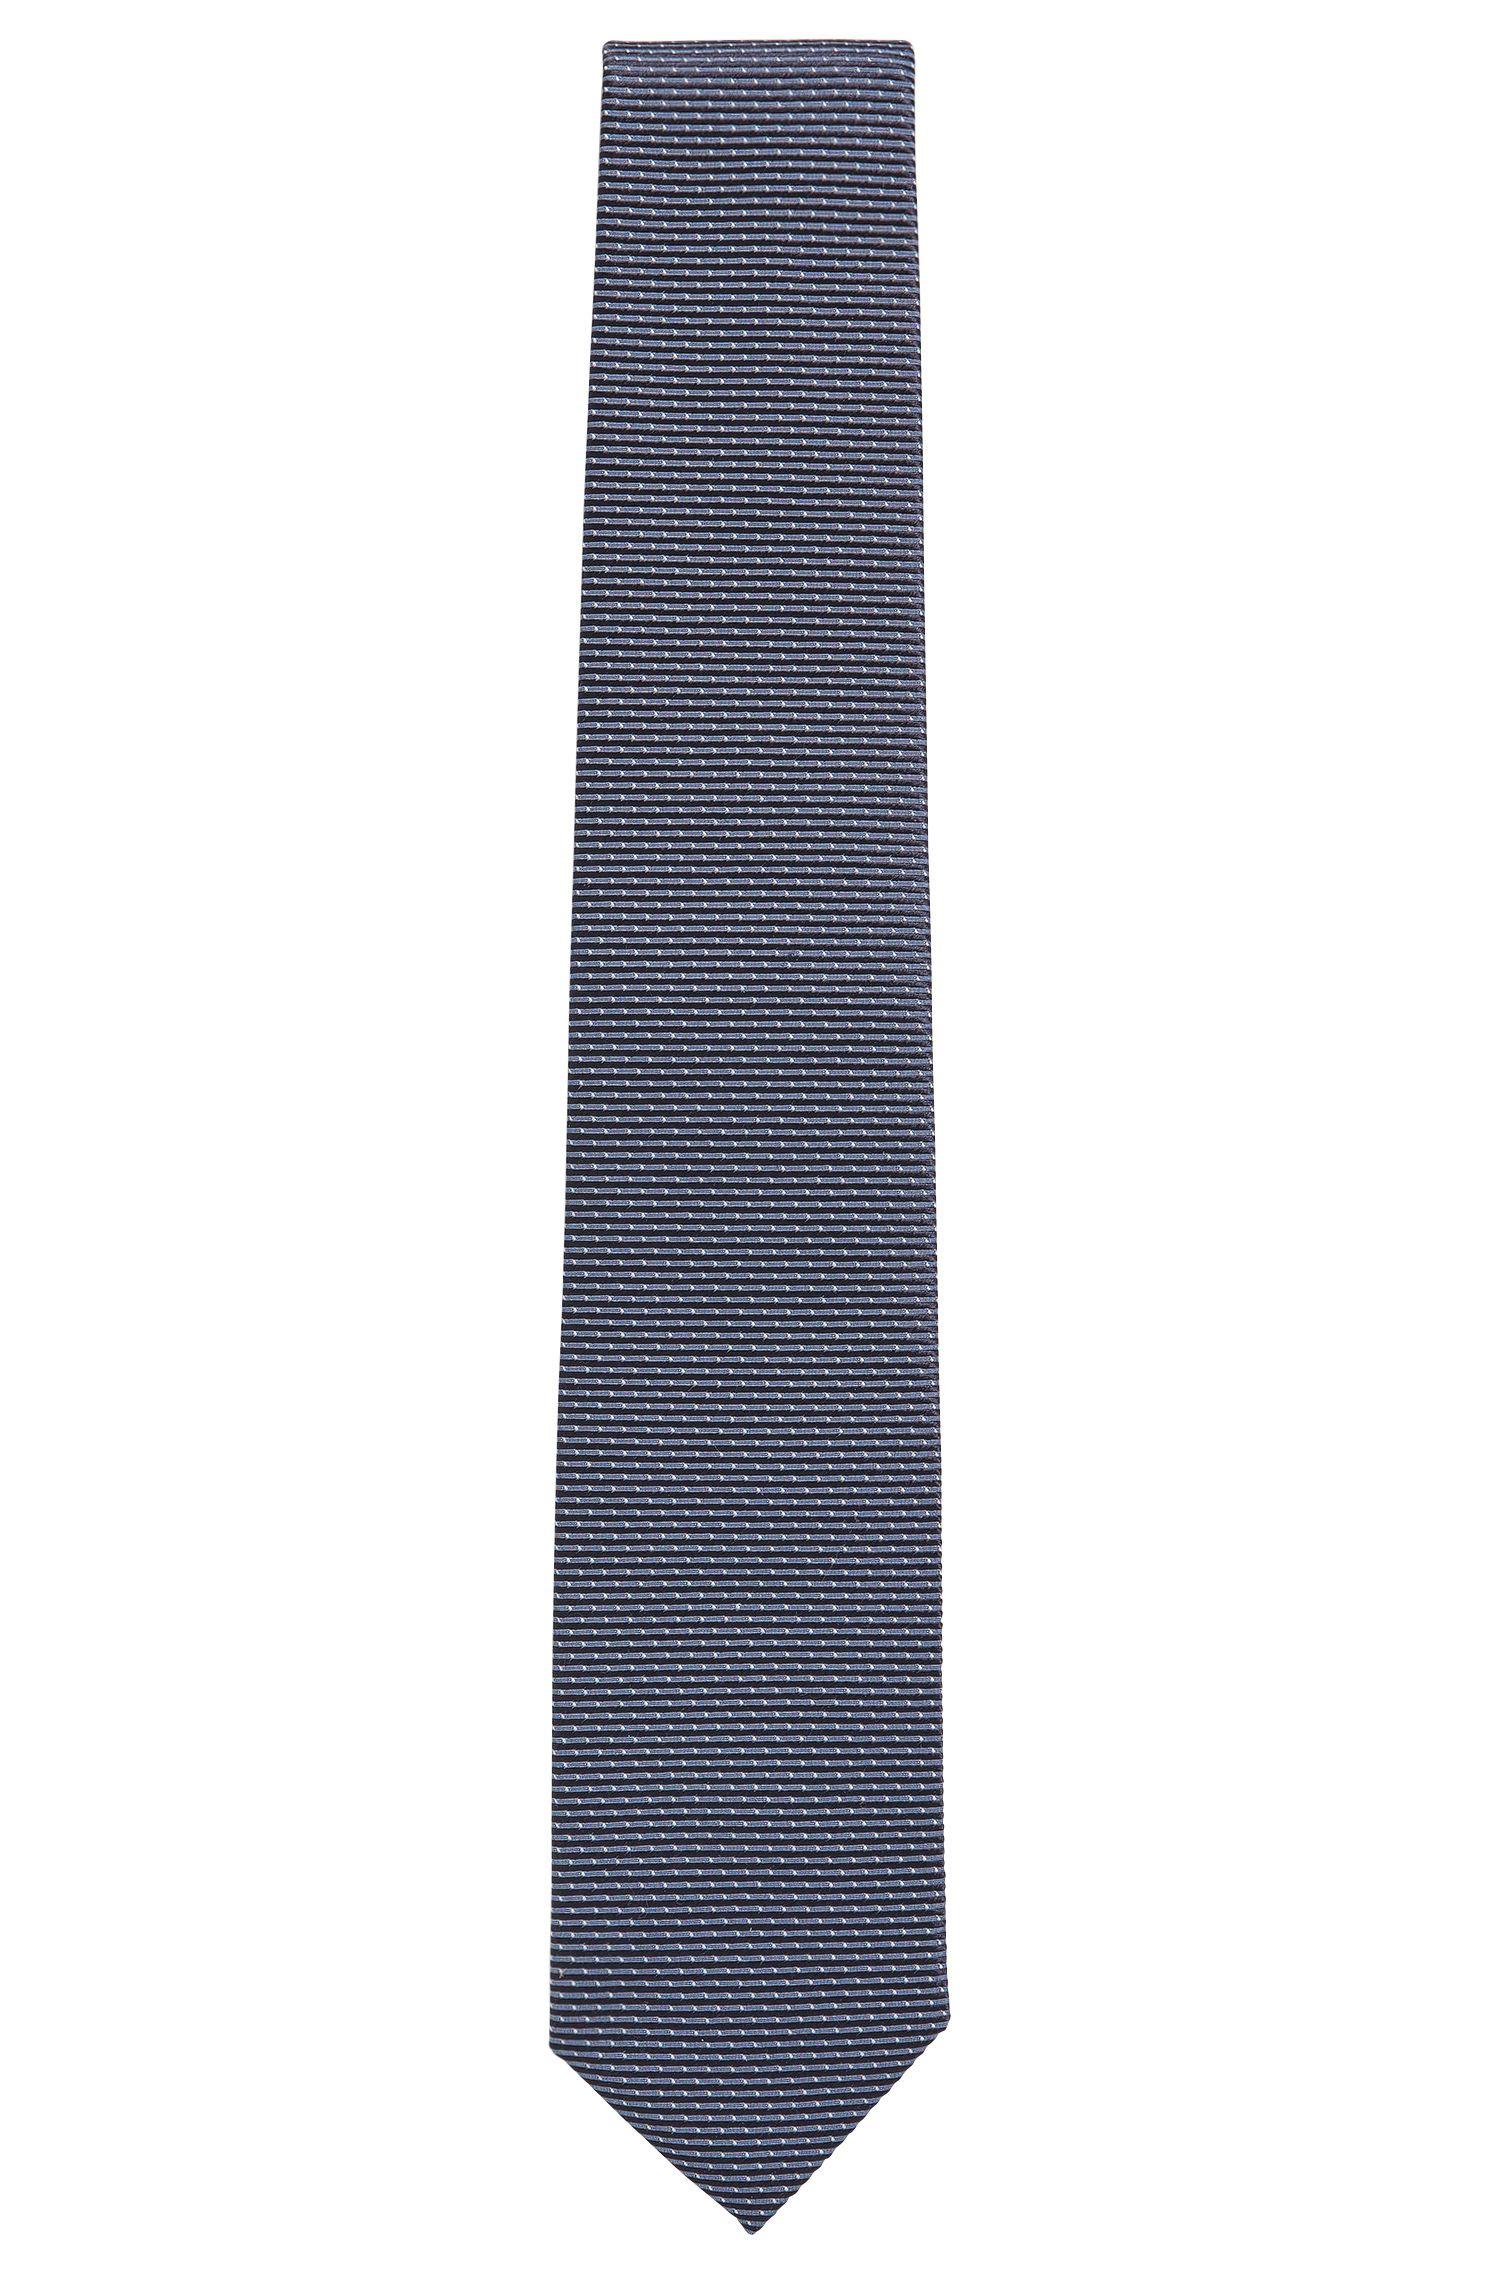 Cravate en jacquard de soie à micro-motif